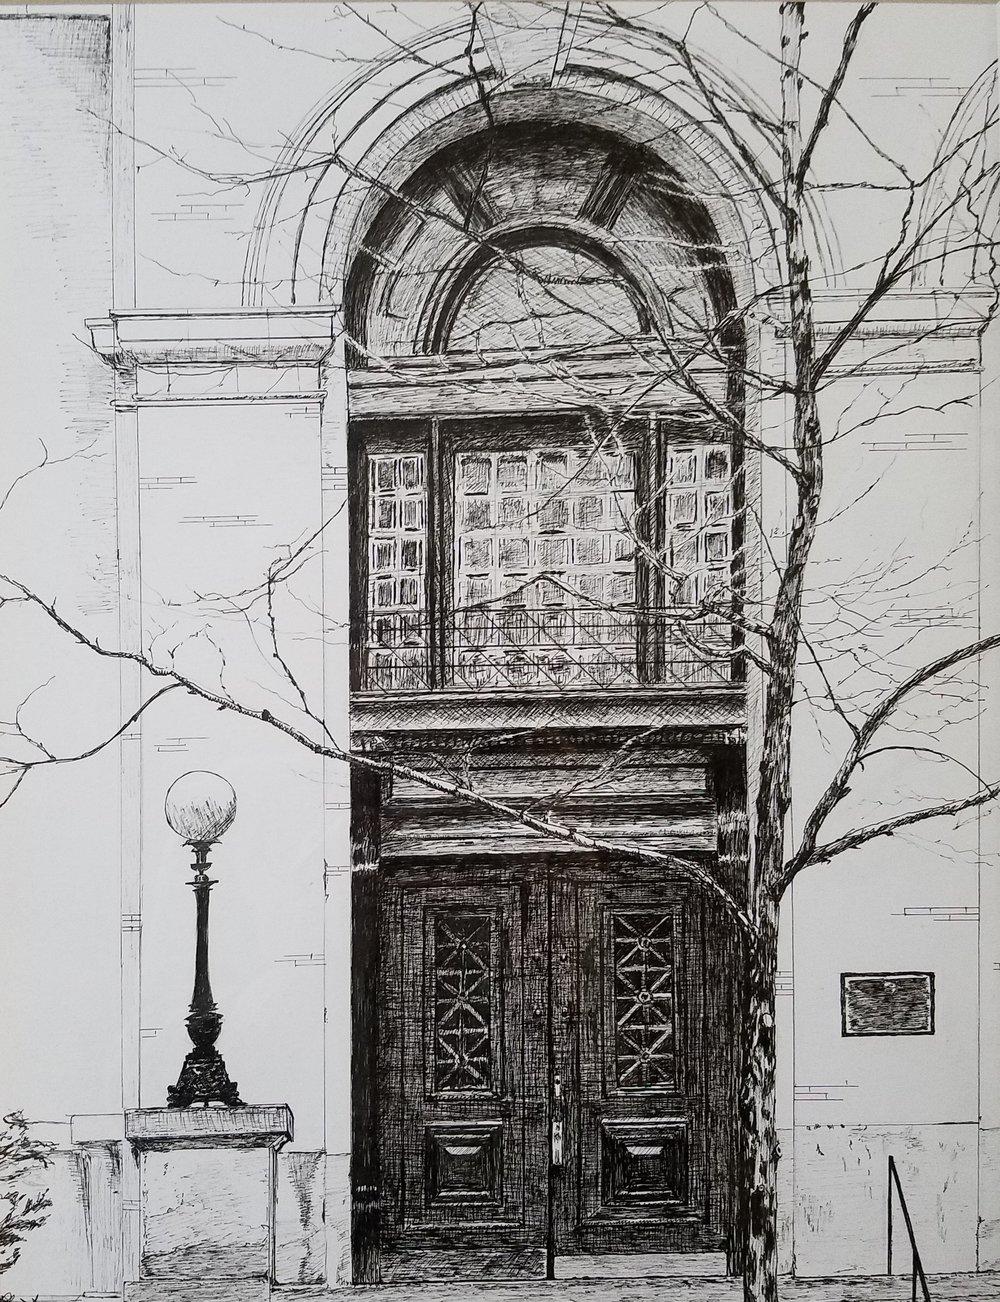 Door; pen and ink, 11x14; 2018